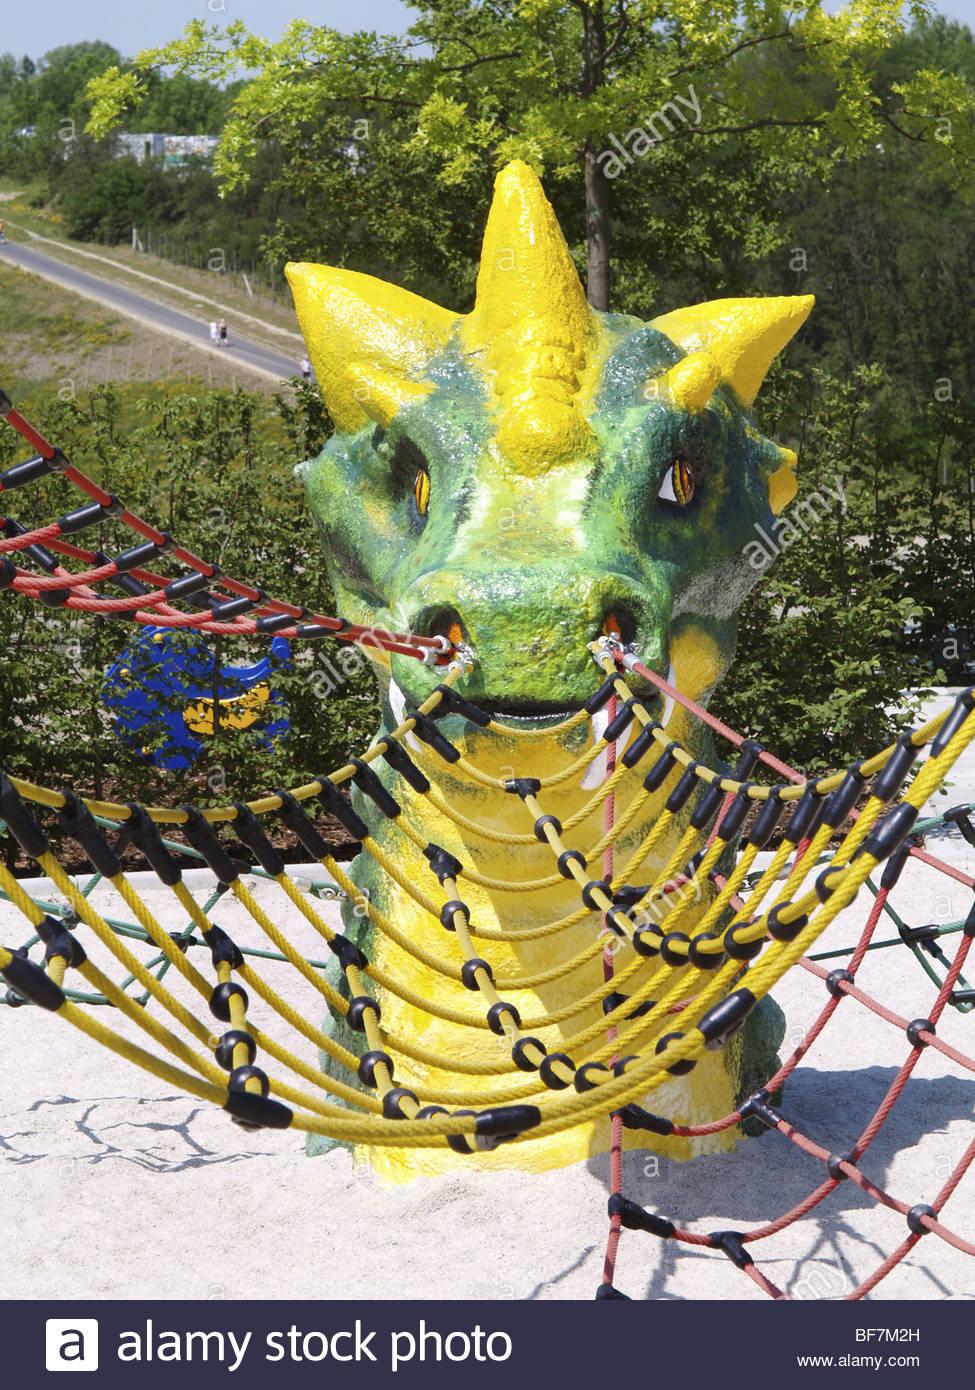 amusement park dragons stock photos amusement park. Black Bedroom Furniture Sets. Home Design Ideas